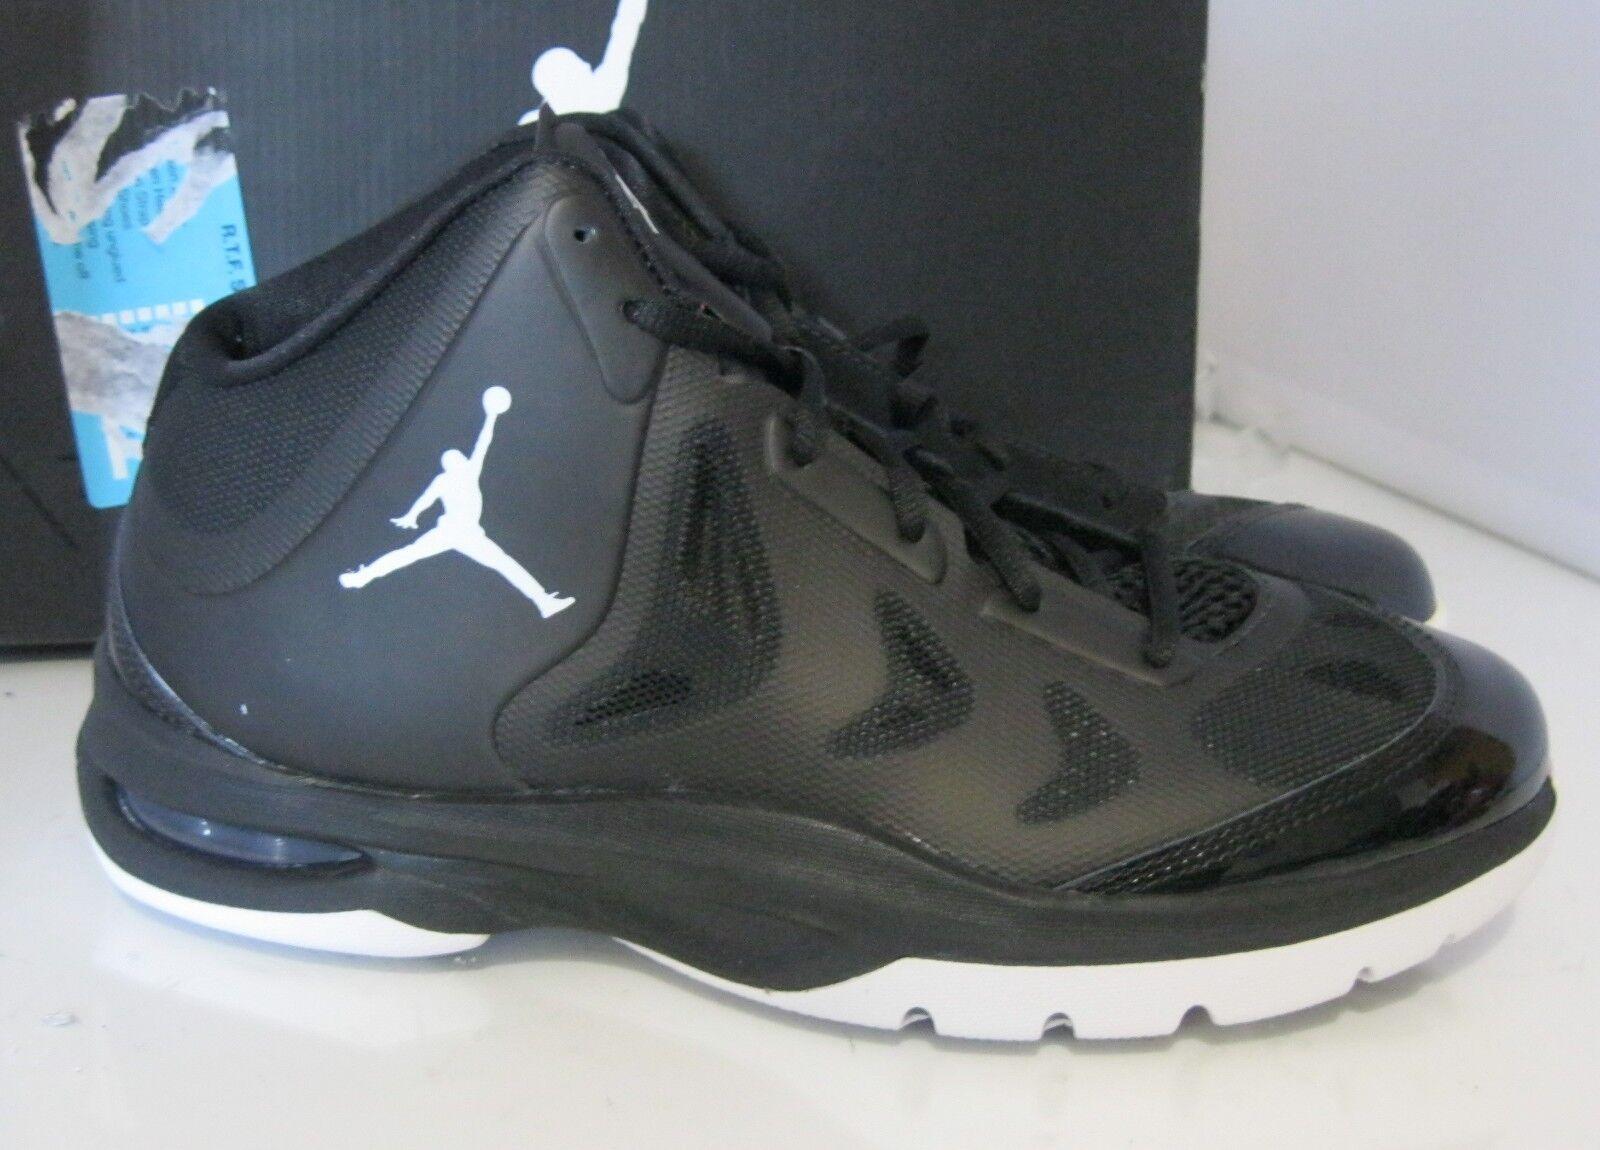 Nike Jordan Jordan Nike Play In These II II These 510581 001 Uomo Basketball   156553